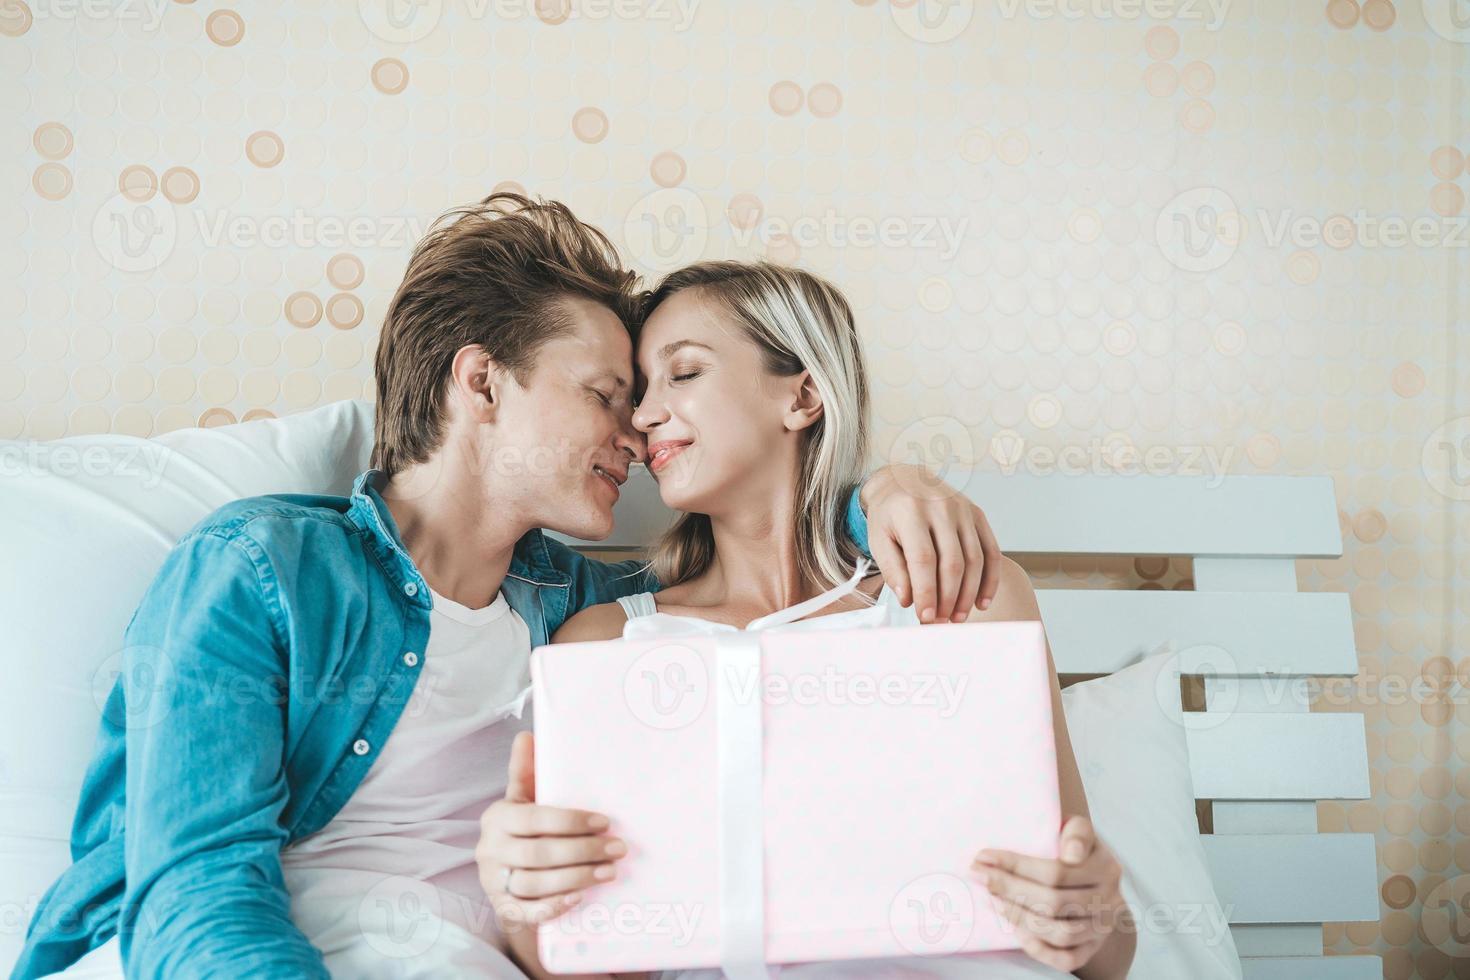 il ragazzo sorprende la sua ragazza con una confezione regalo sul letto foto